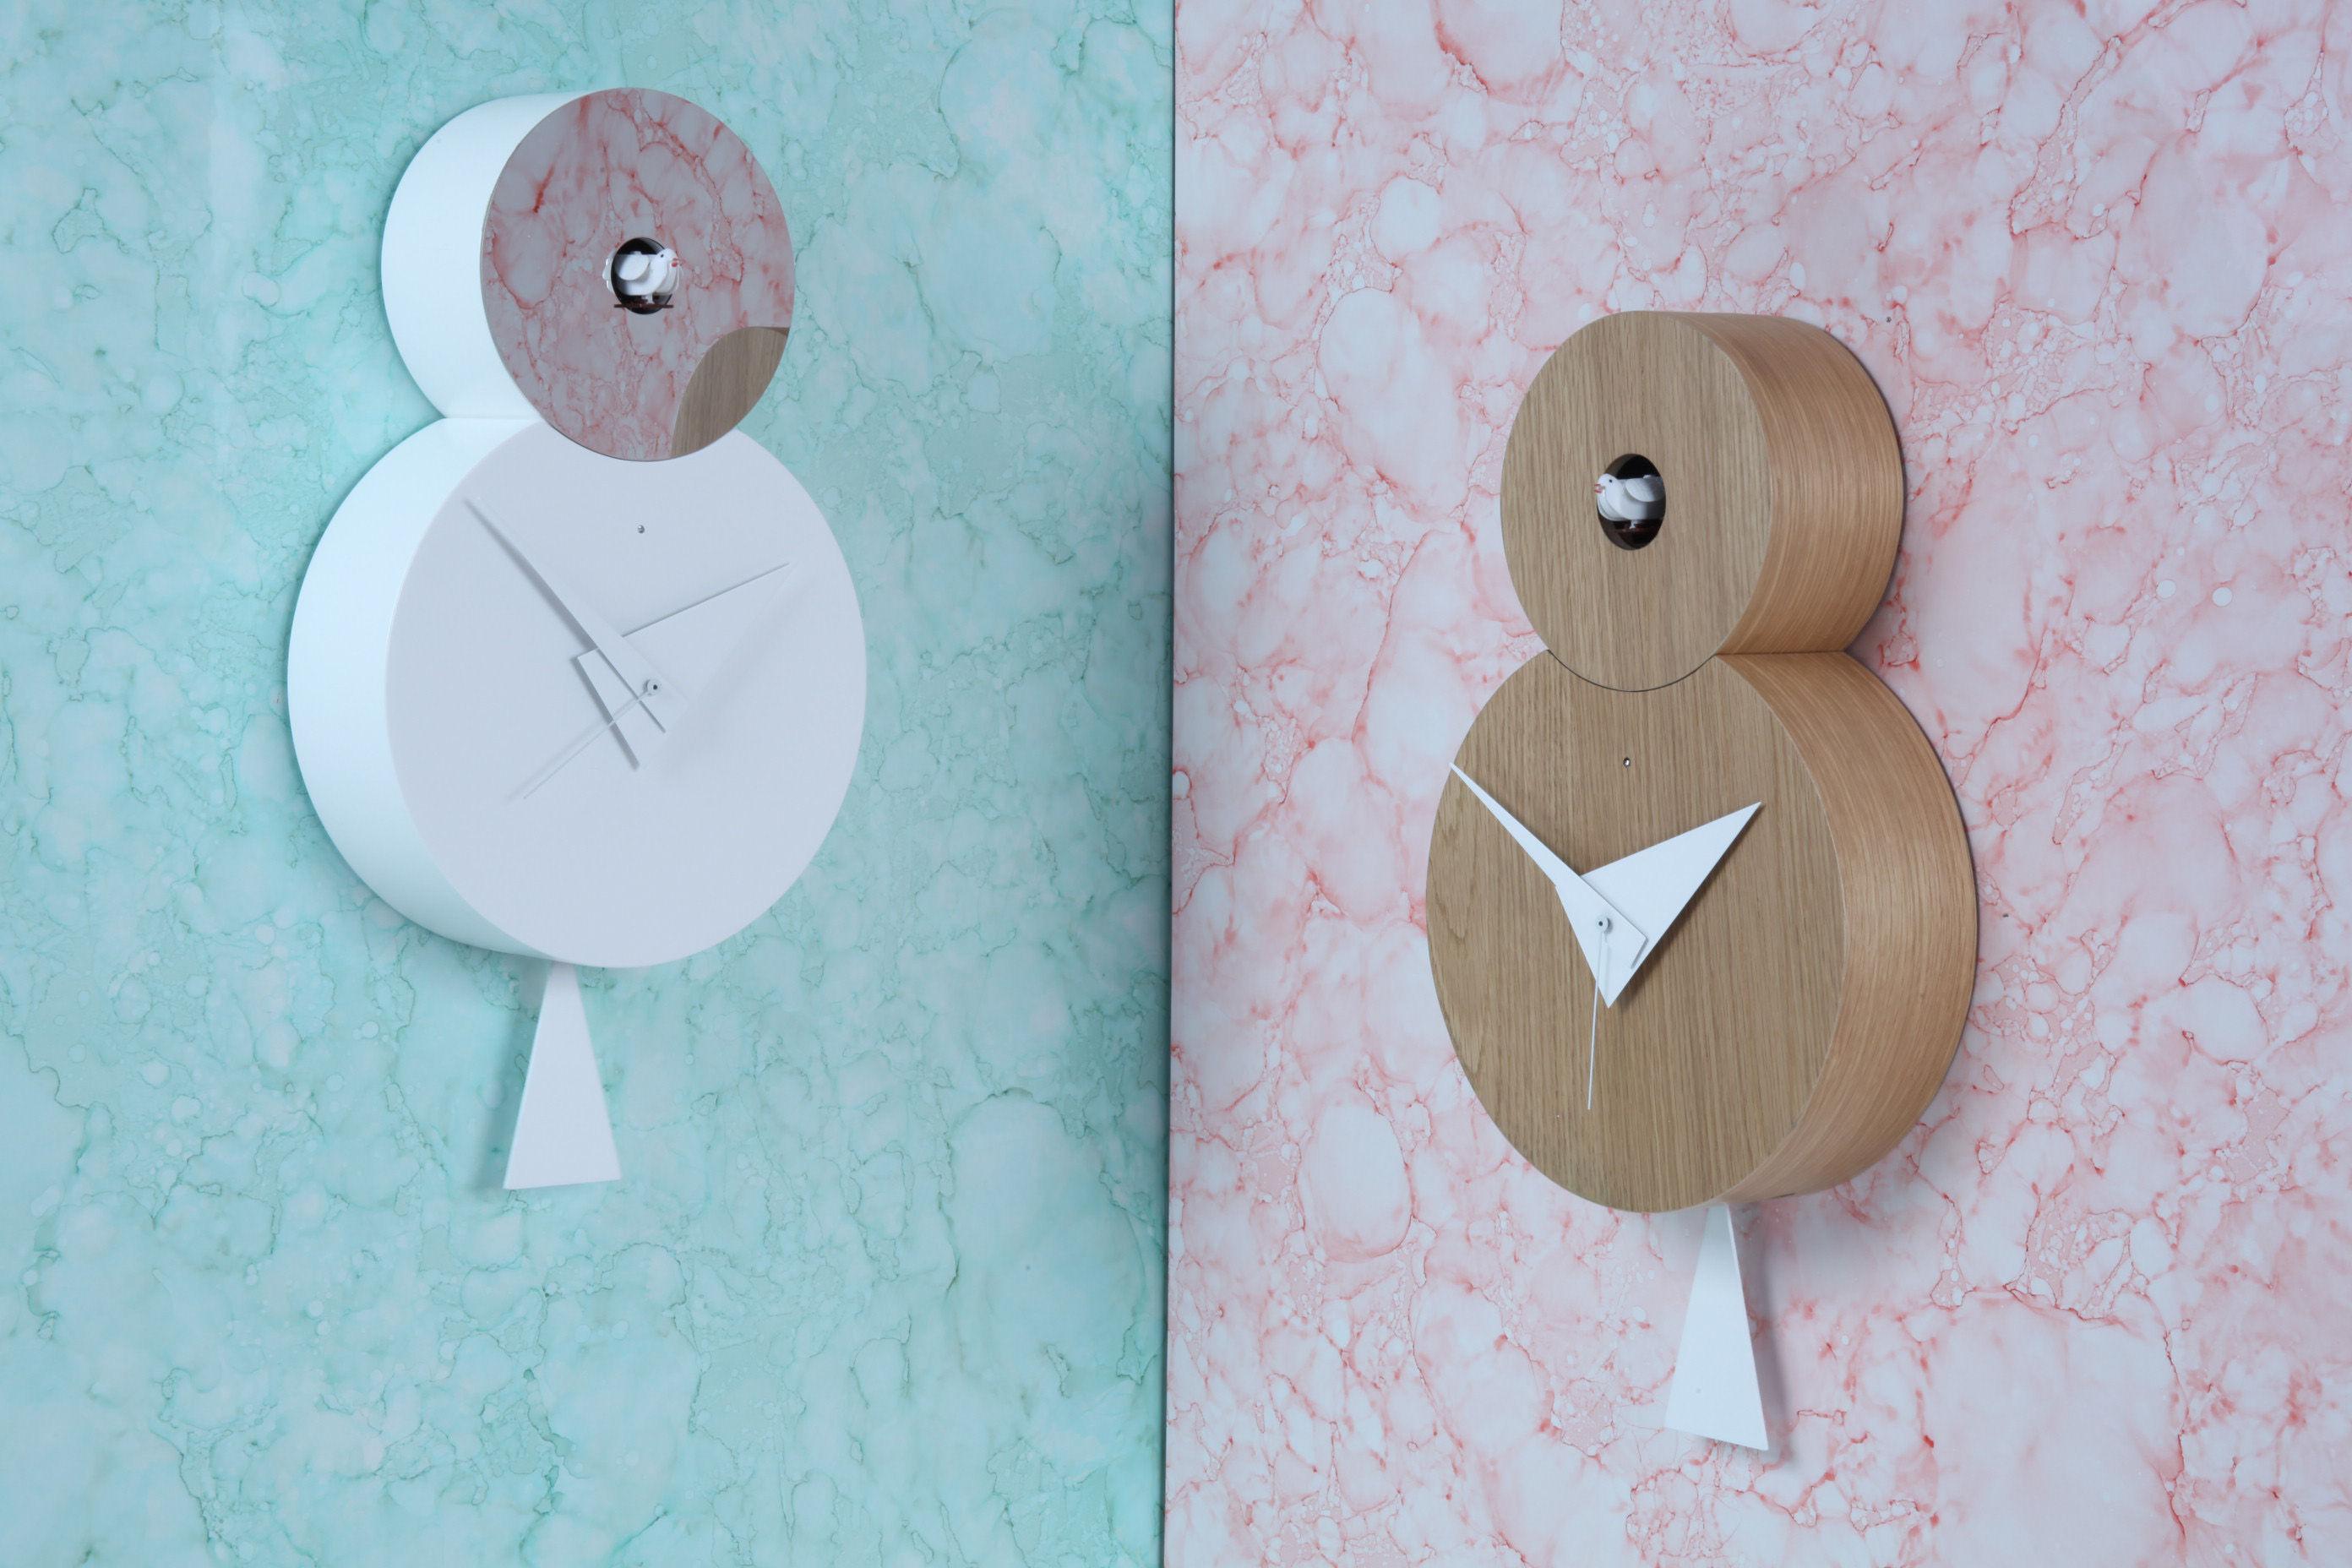 horloge murale otto coucou h 38 5 cm ch ne naturel coucou pendule aiguilles blancs. Black Bedroom Furniture Sets. Home Design Ideas